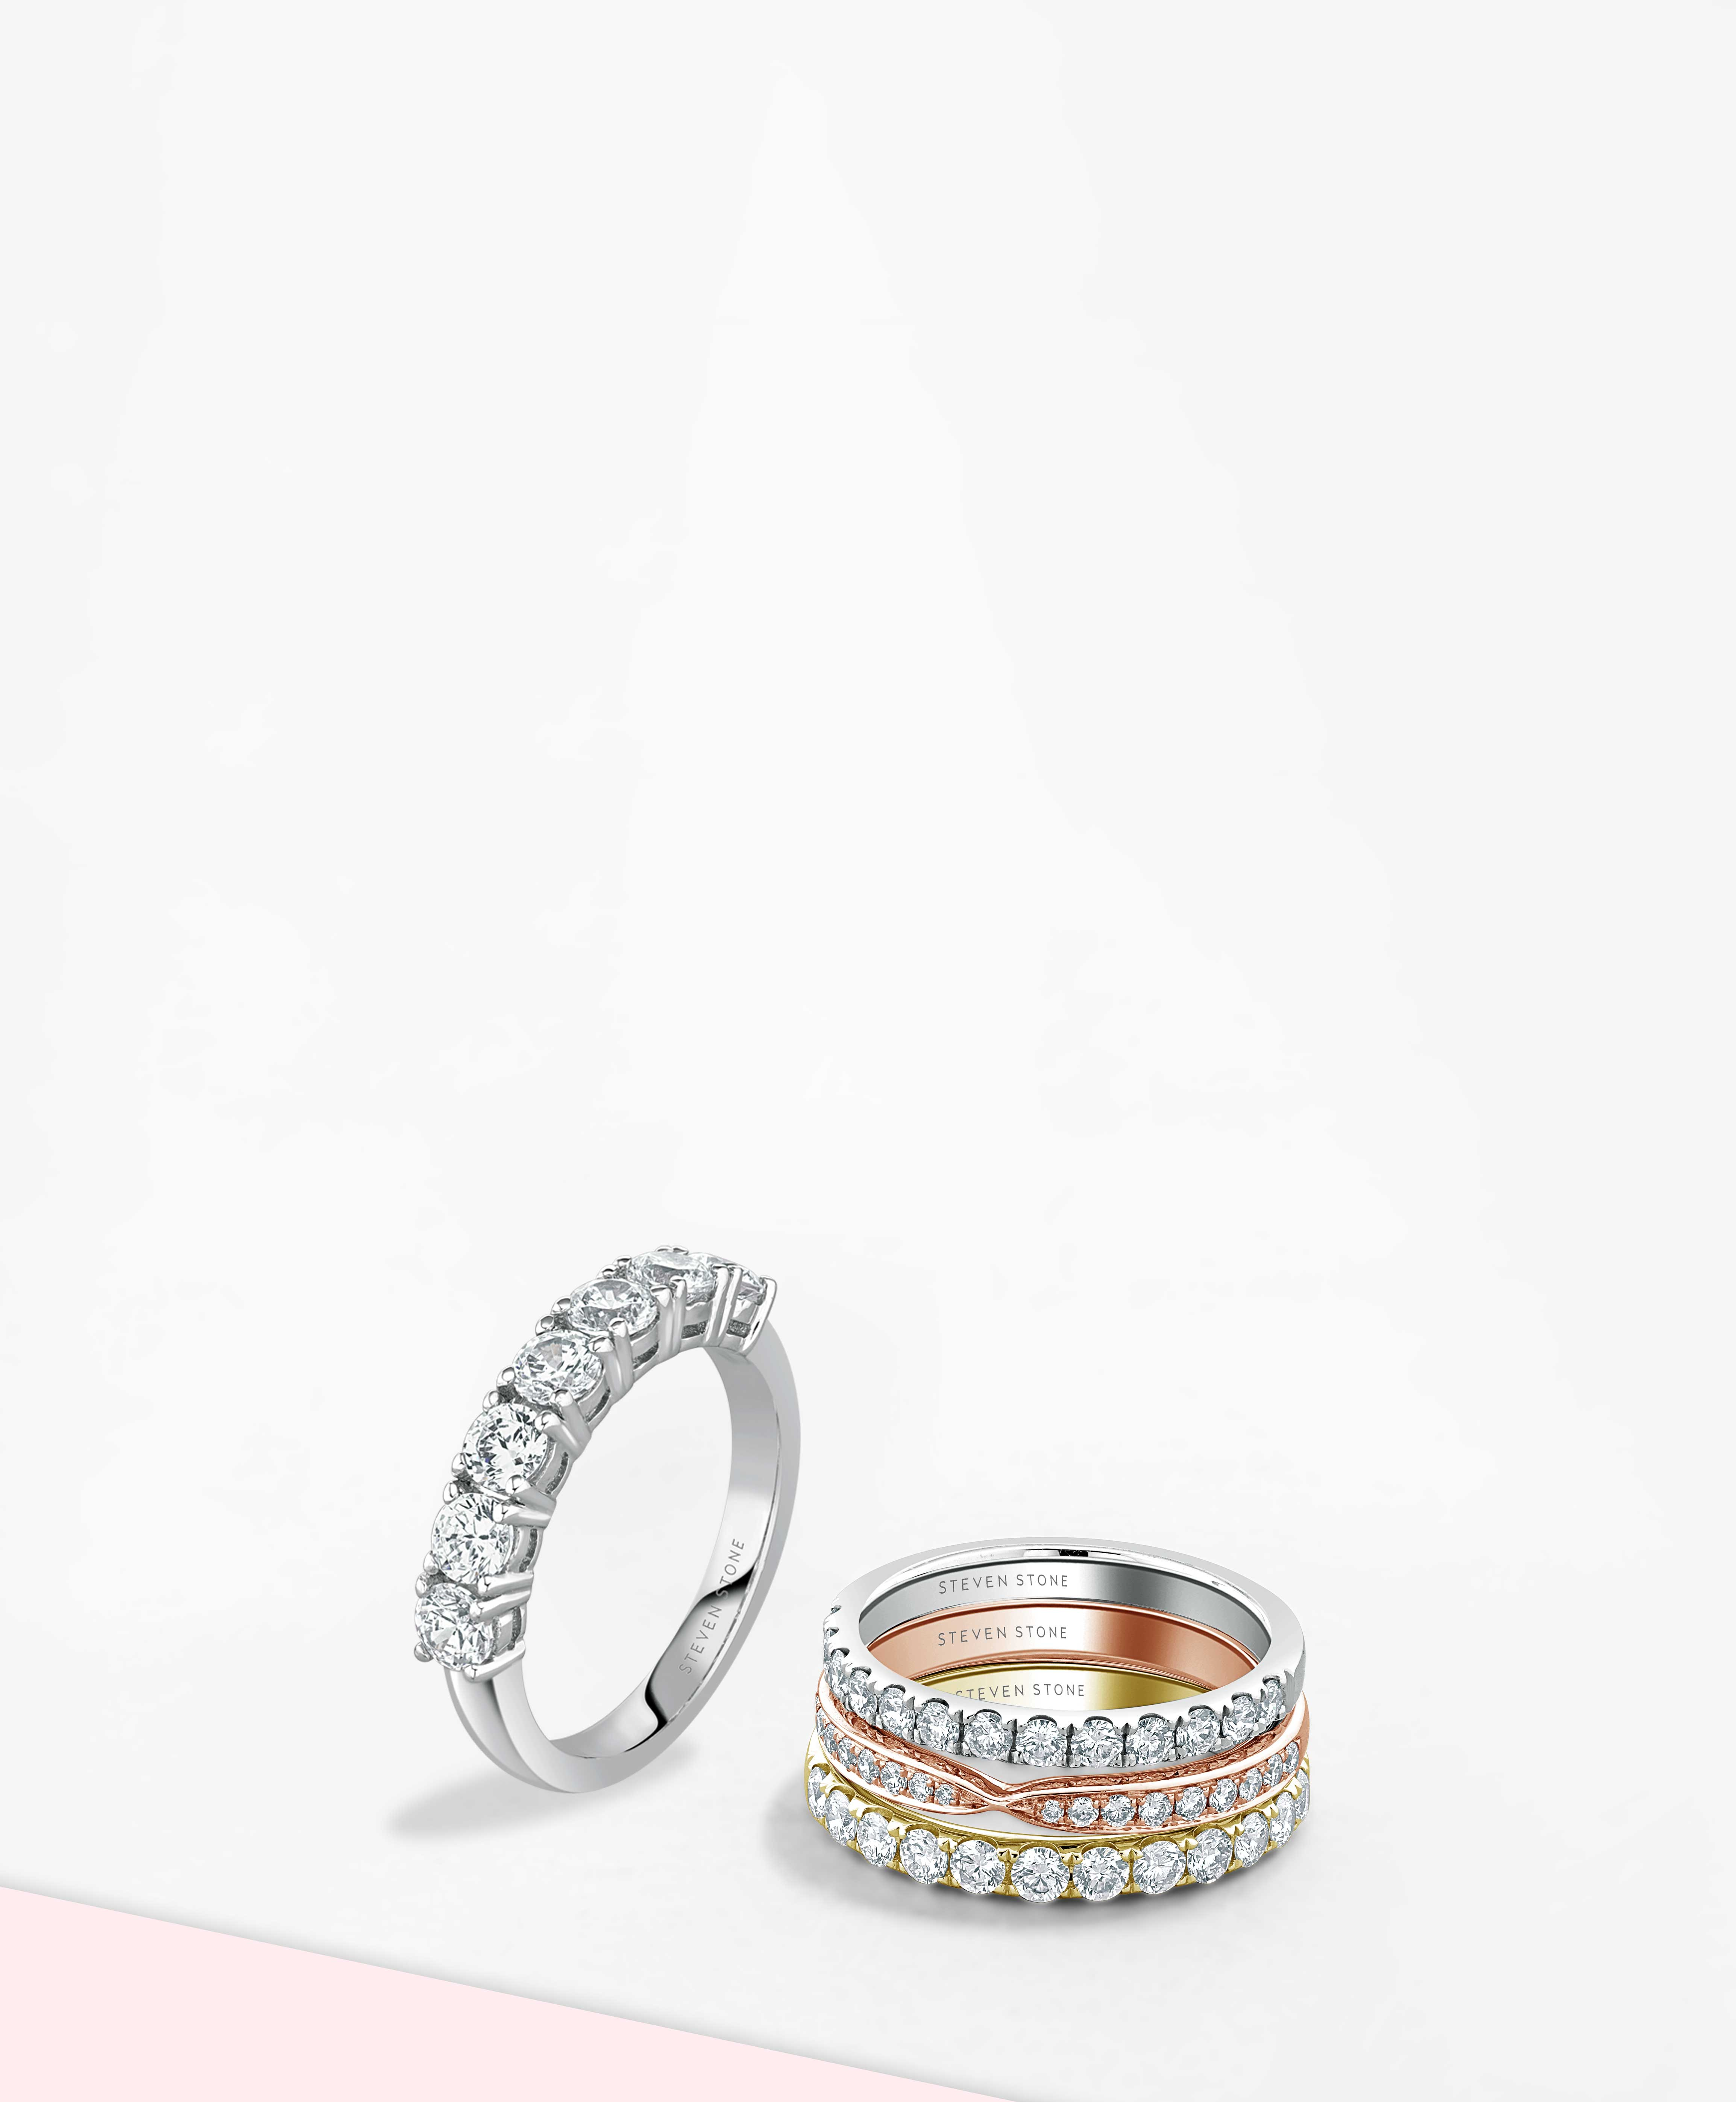 Platinum Full Eternity Rings - Steven Stone